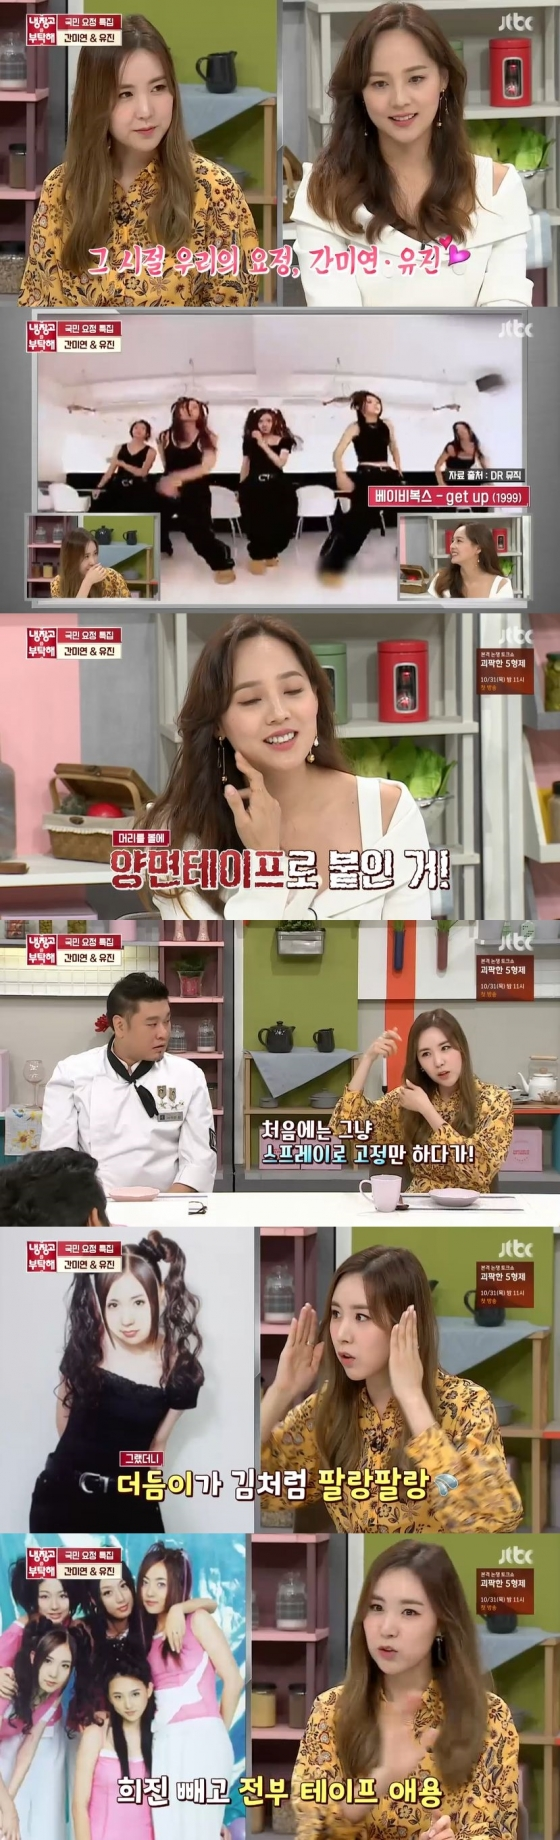 /사진=JTBC 예능 프로그램 '냉장고를 부탁해' 캡처